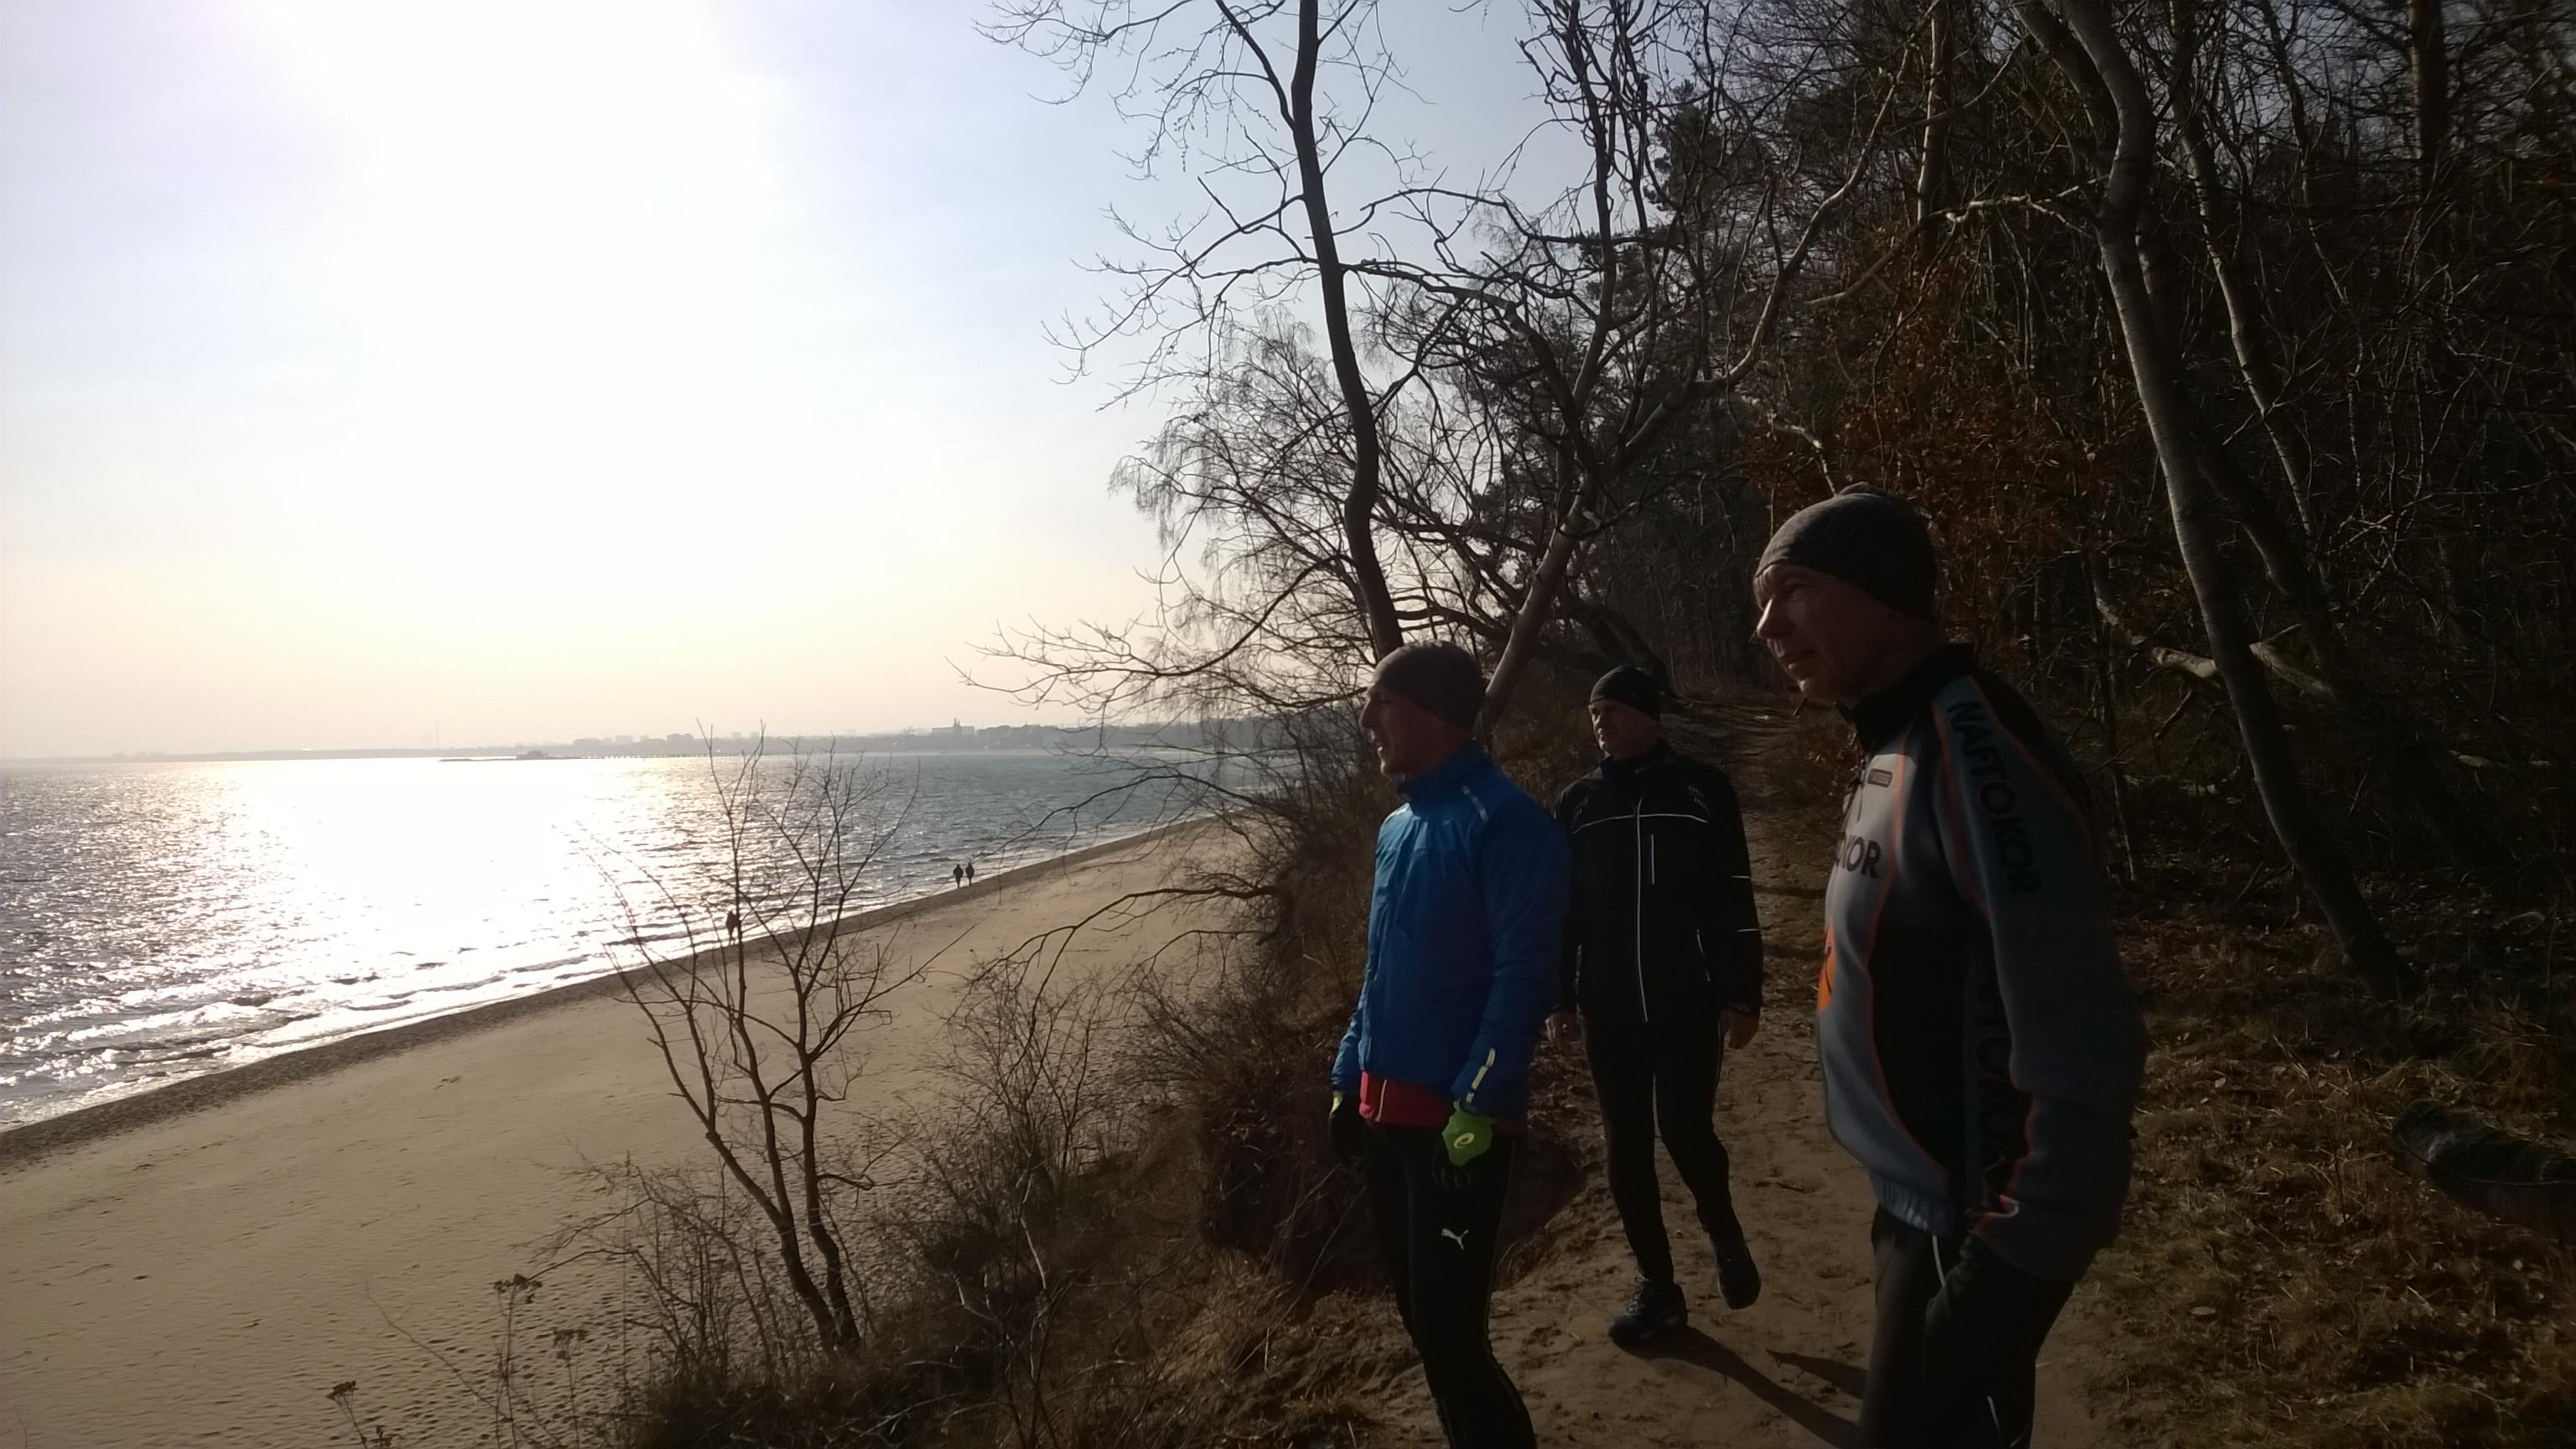 nie ryzykujemy biegu po piesku jest zbyt miękko